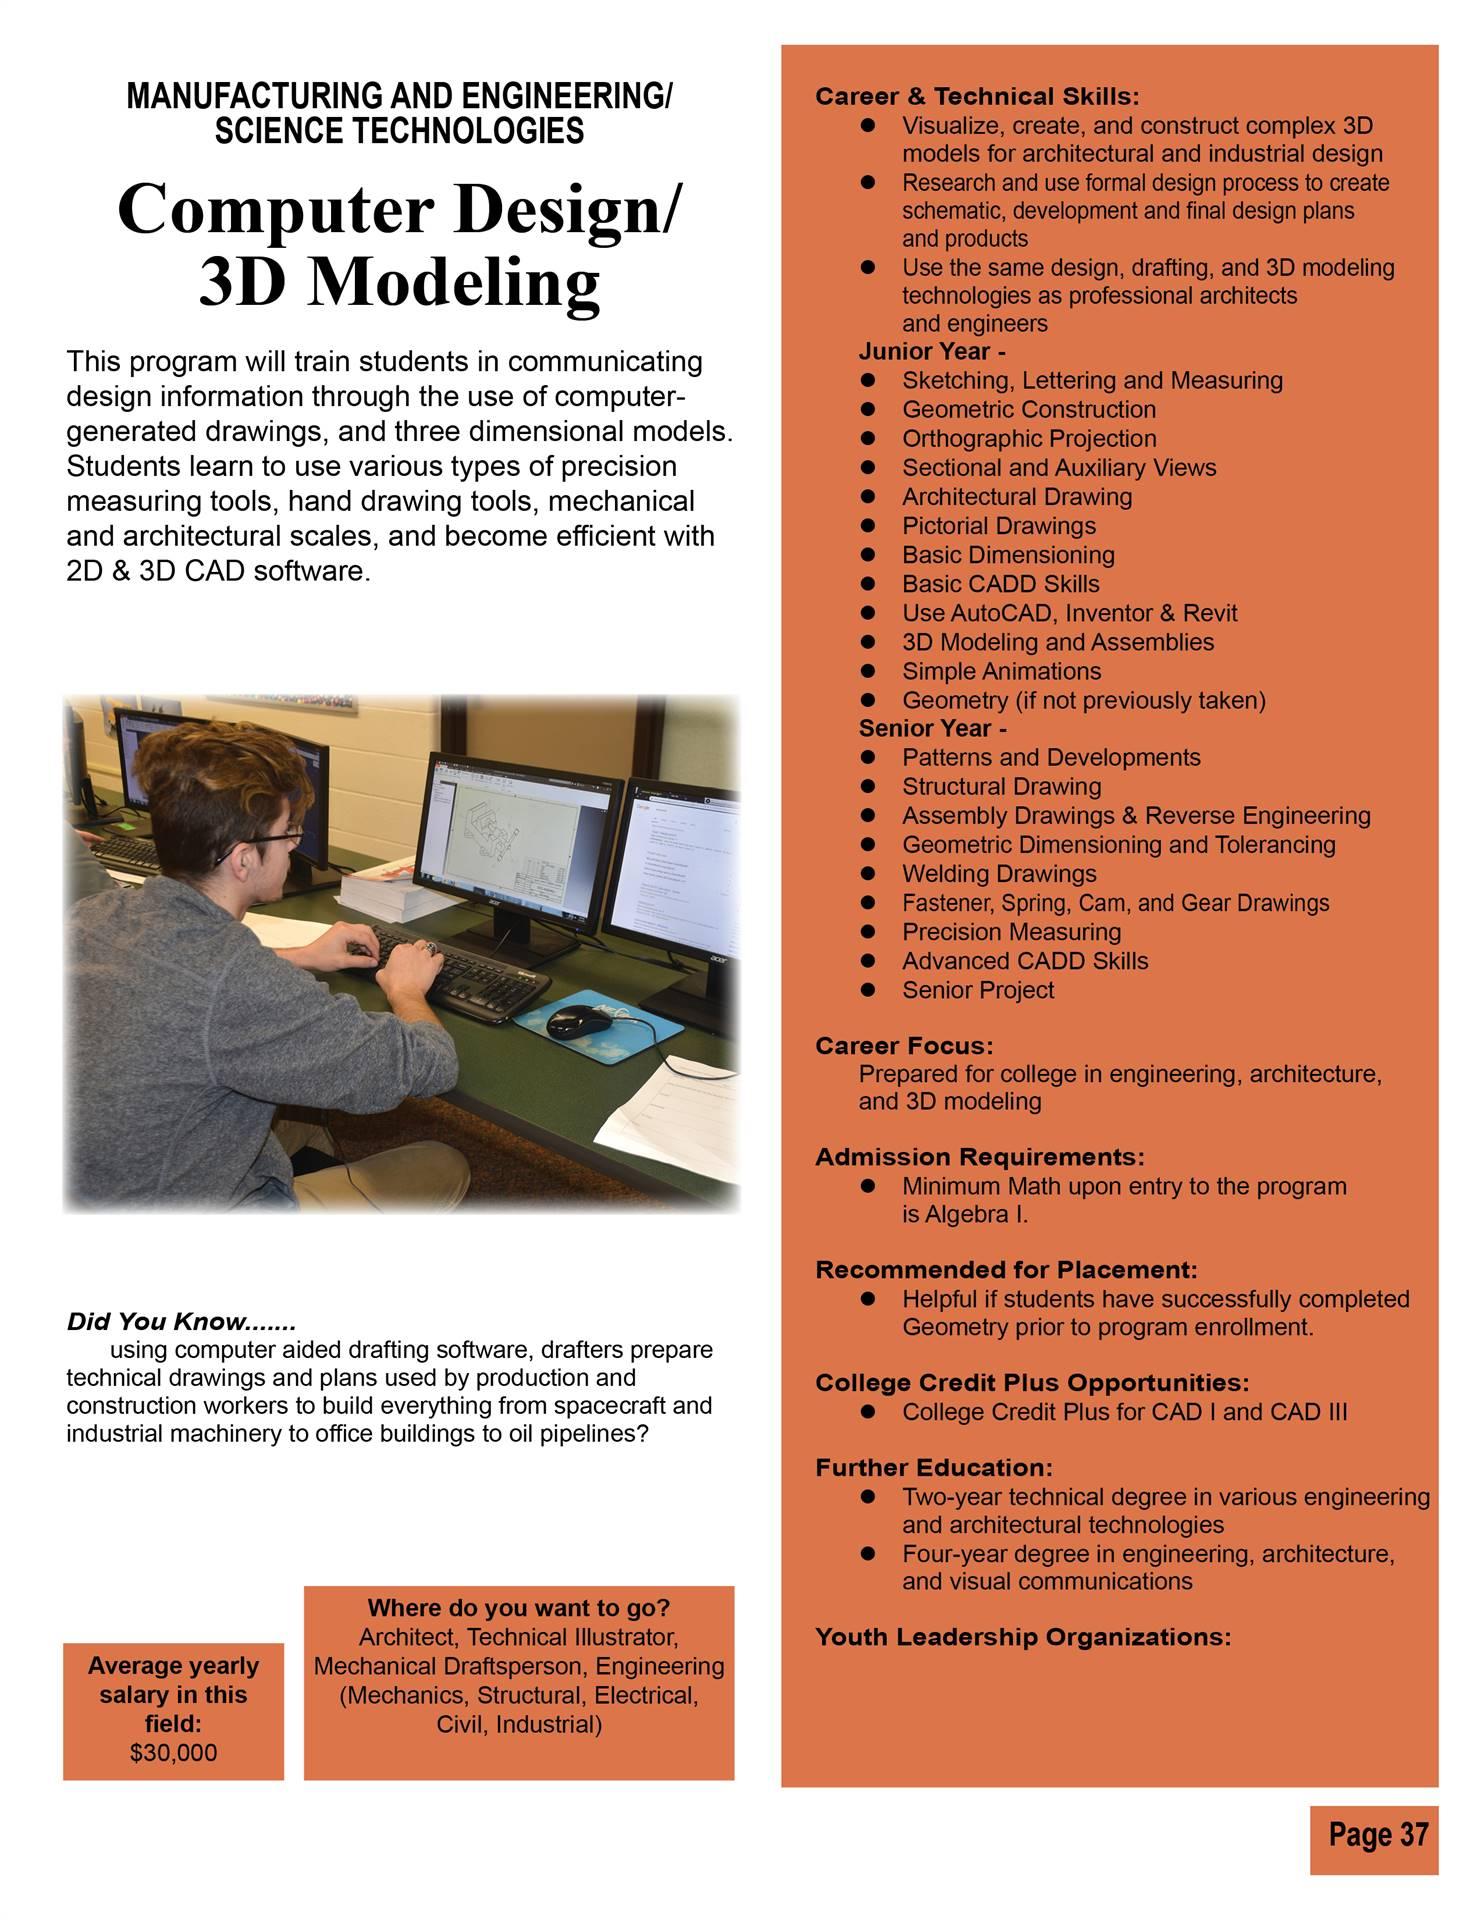 Computer Design/3D Modeling